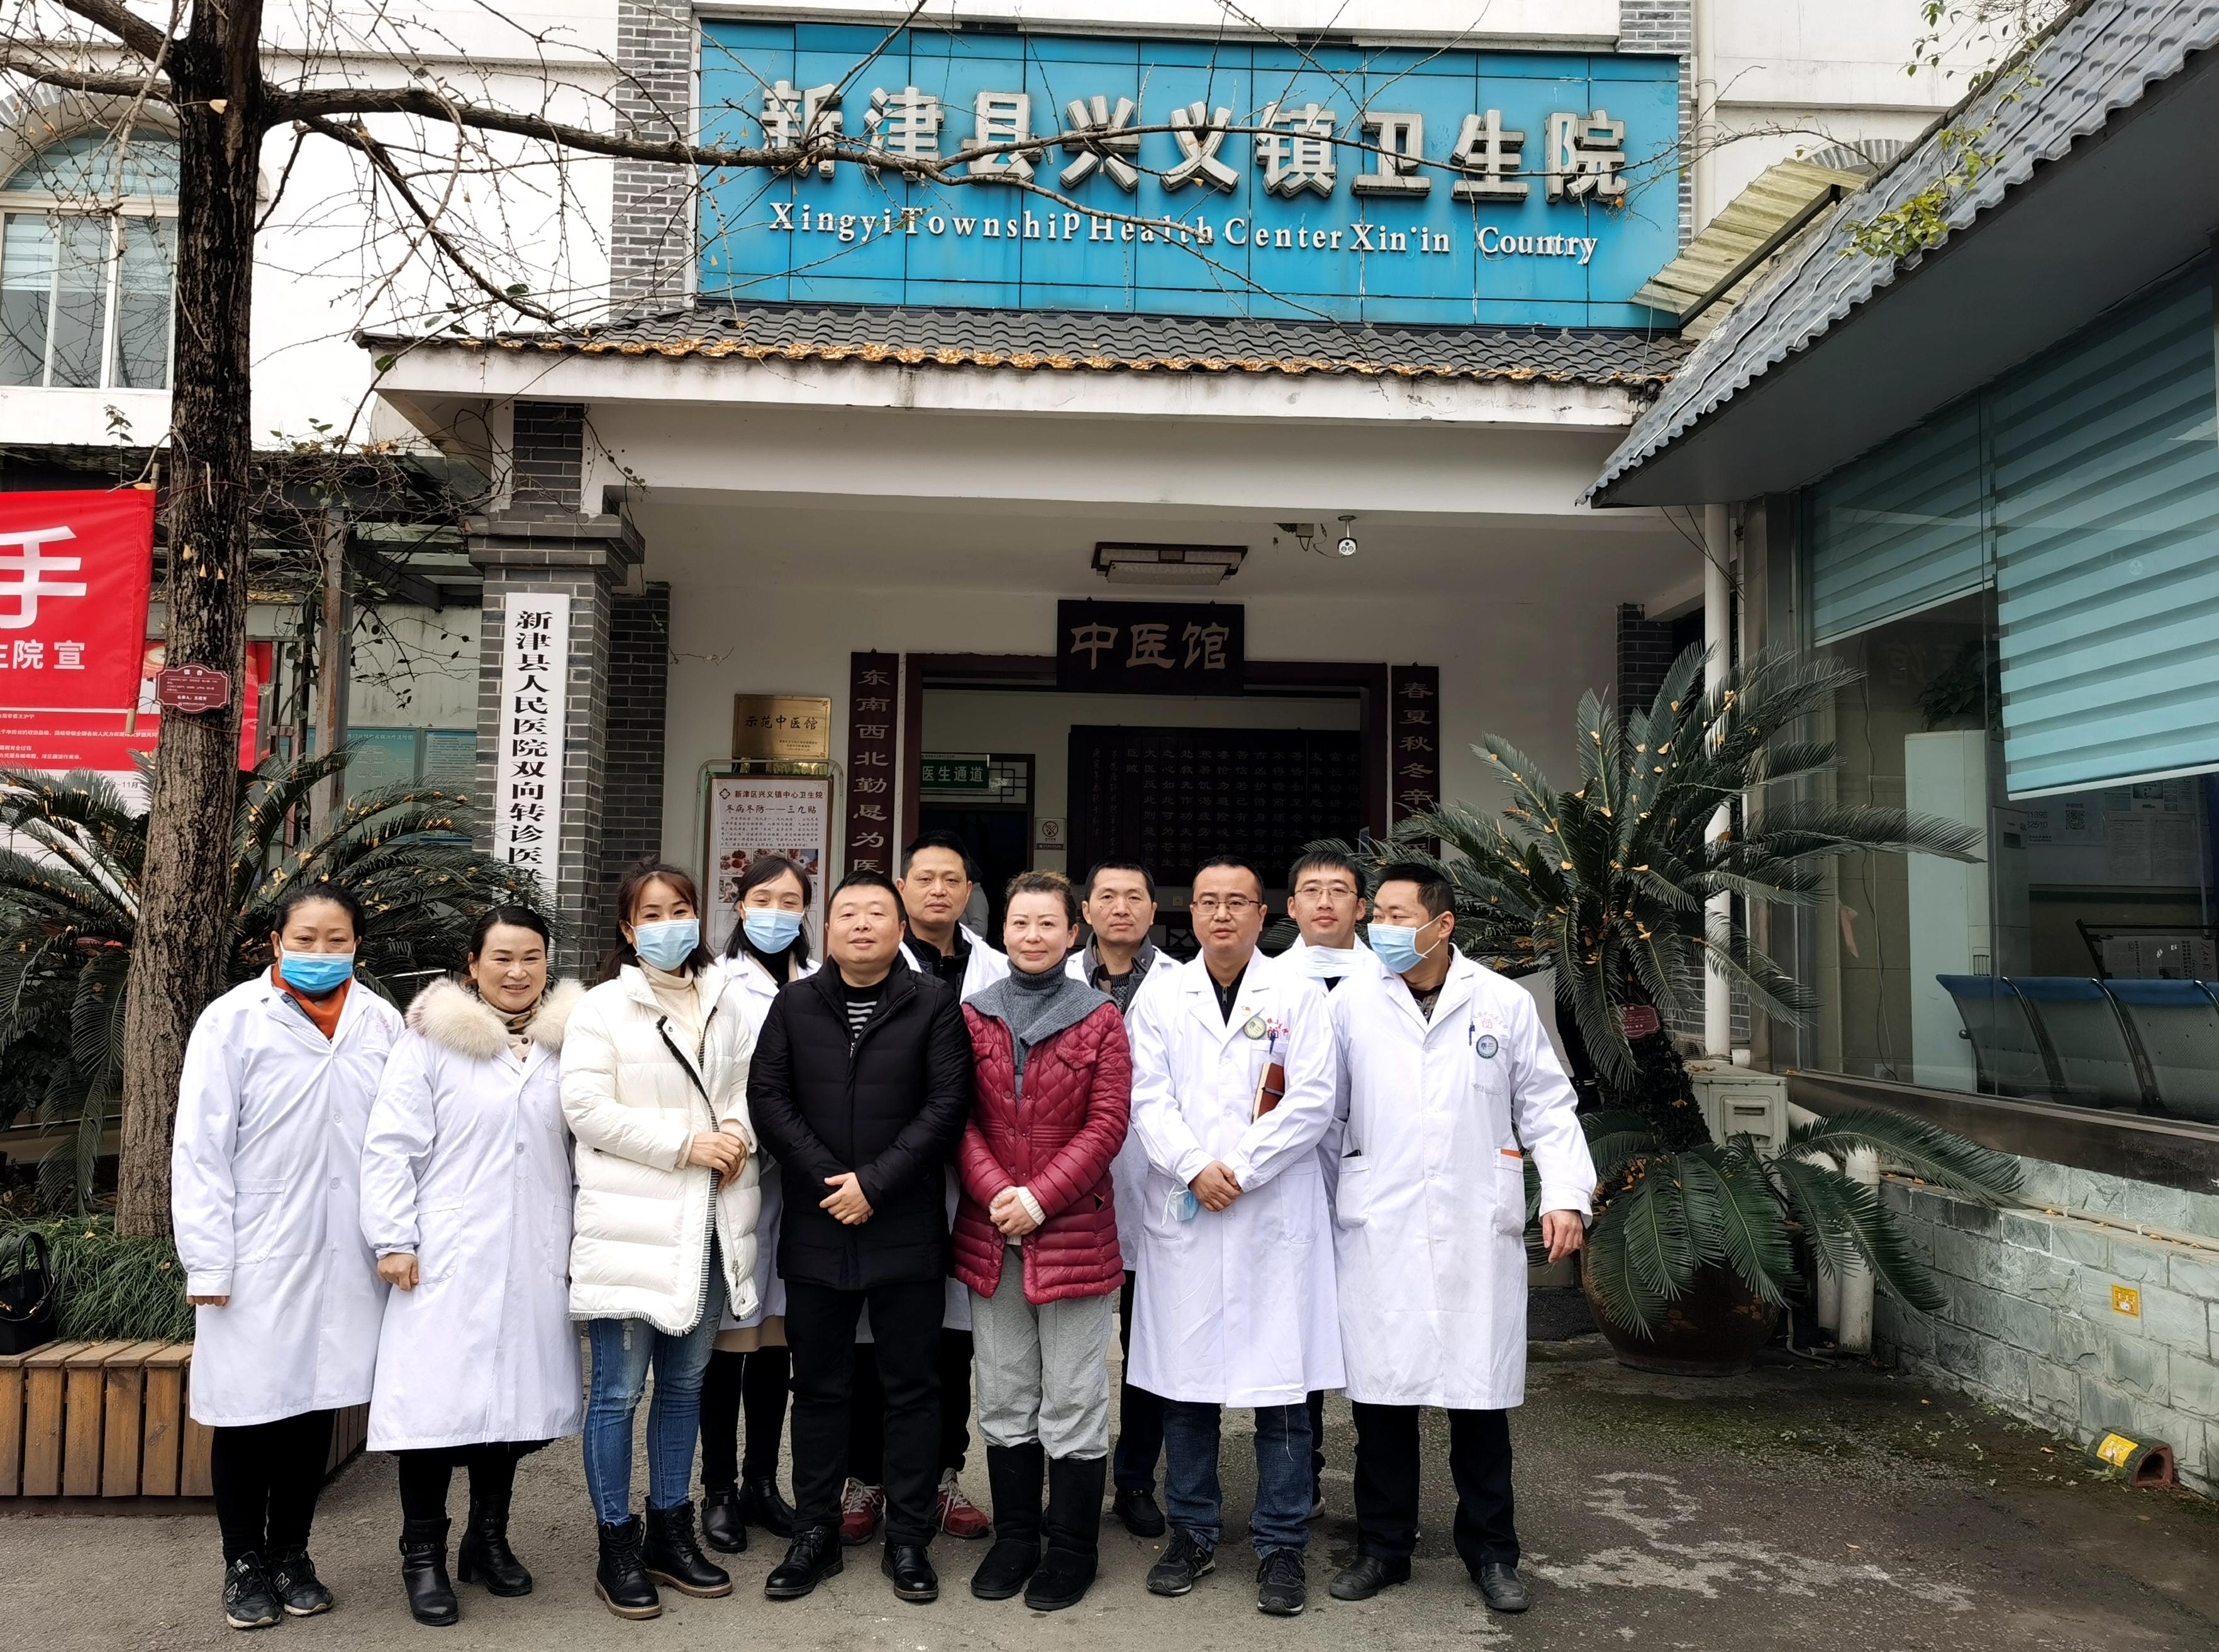 成都市新津区人民医院帮扶医共体成员单位兴义镇中心卫生院成功开展首例腹腔镜下阑尾切除术